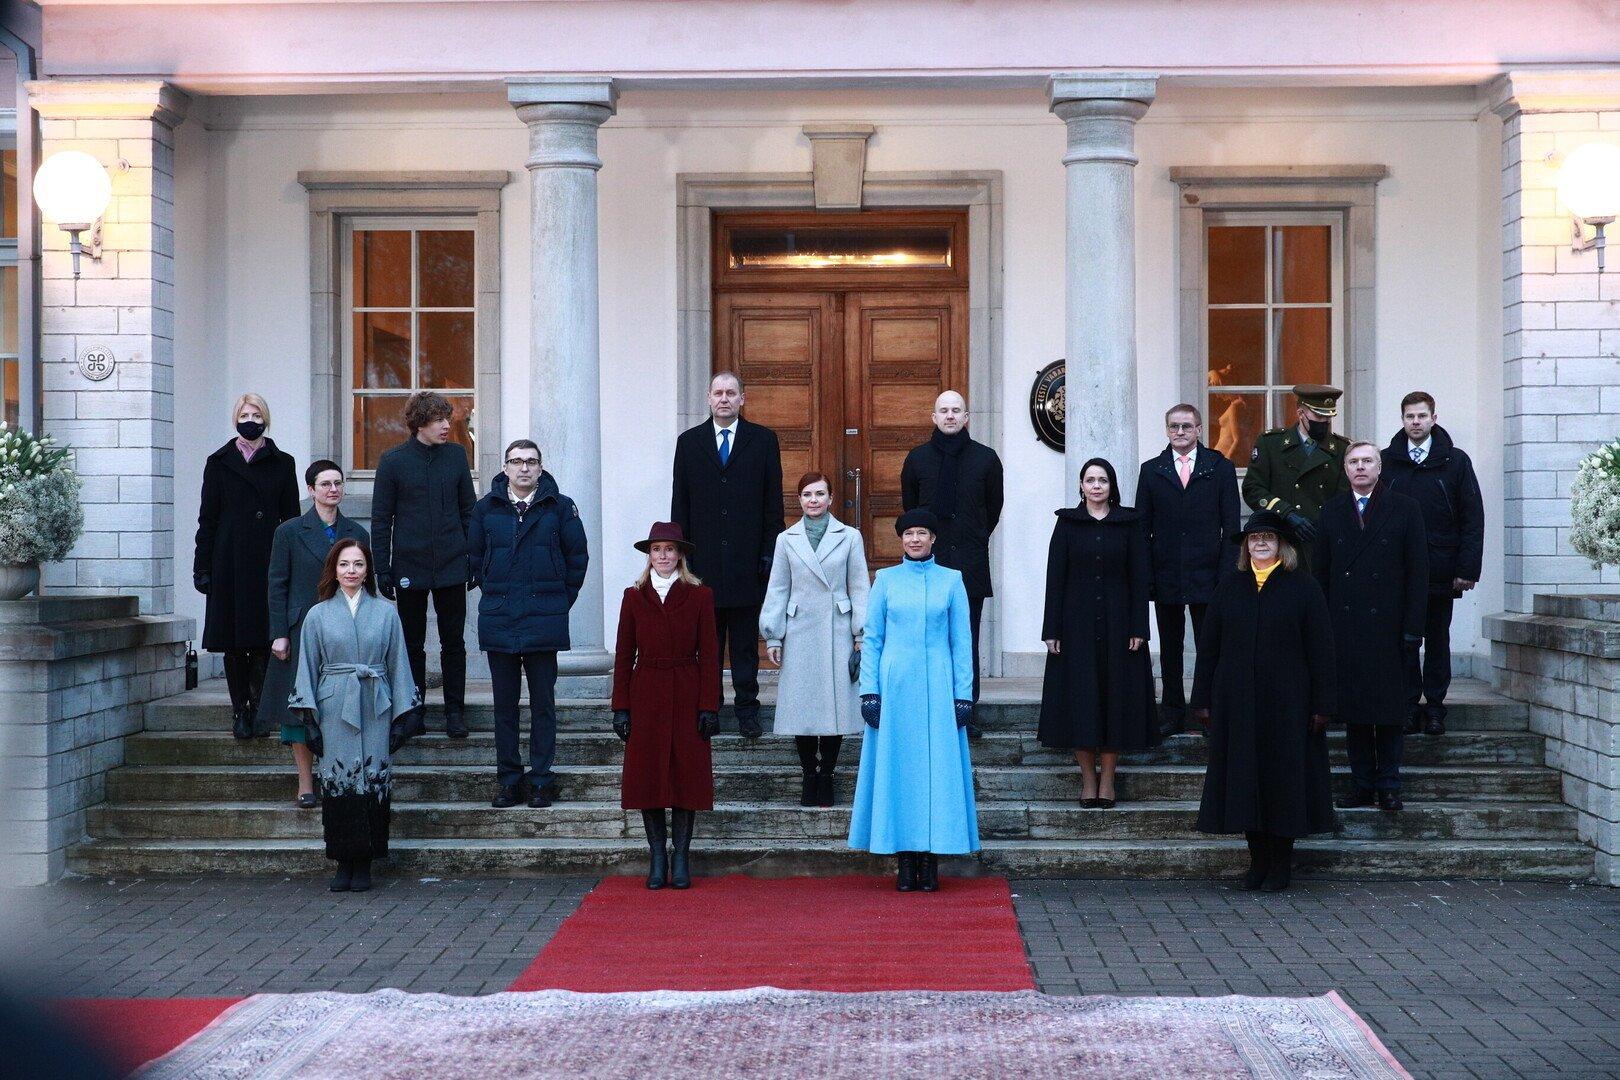 Впервые в Эстонии премьер-министром утвердили женщину